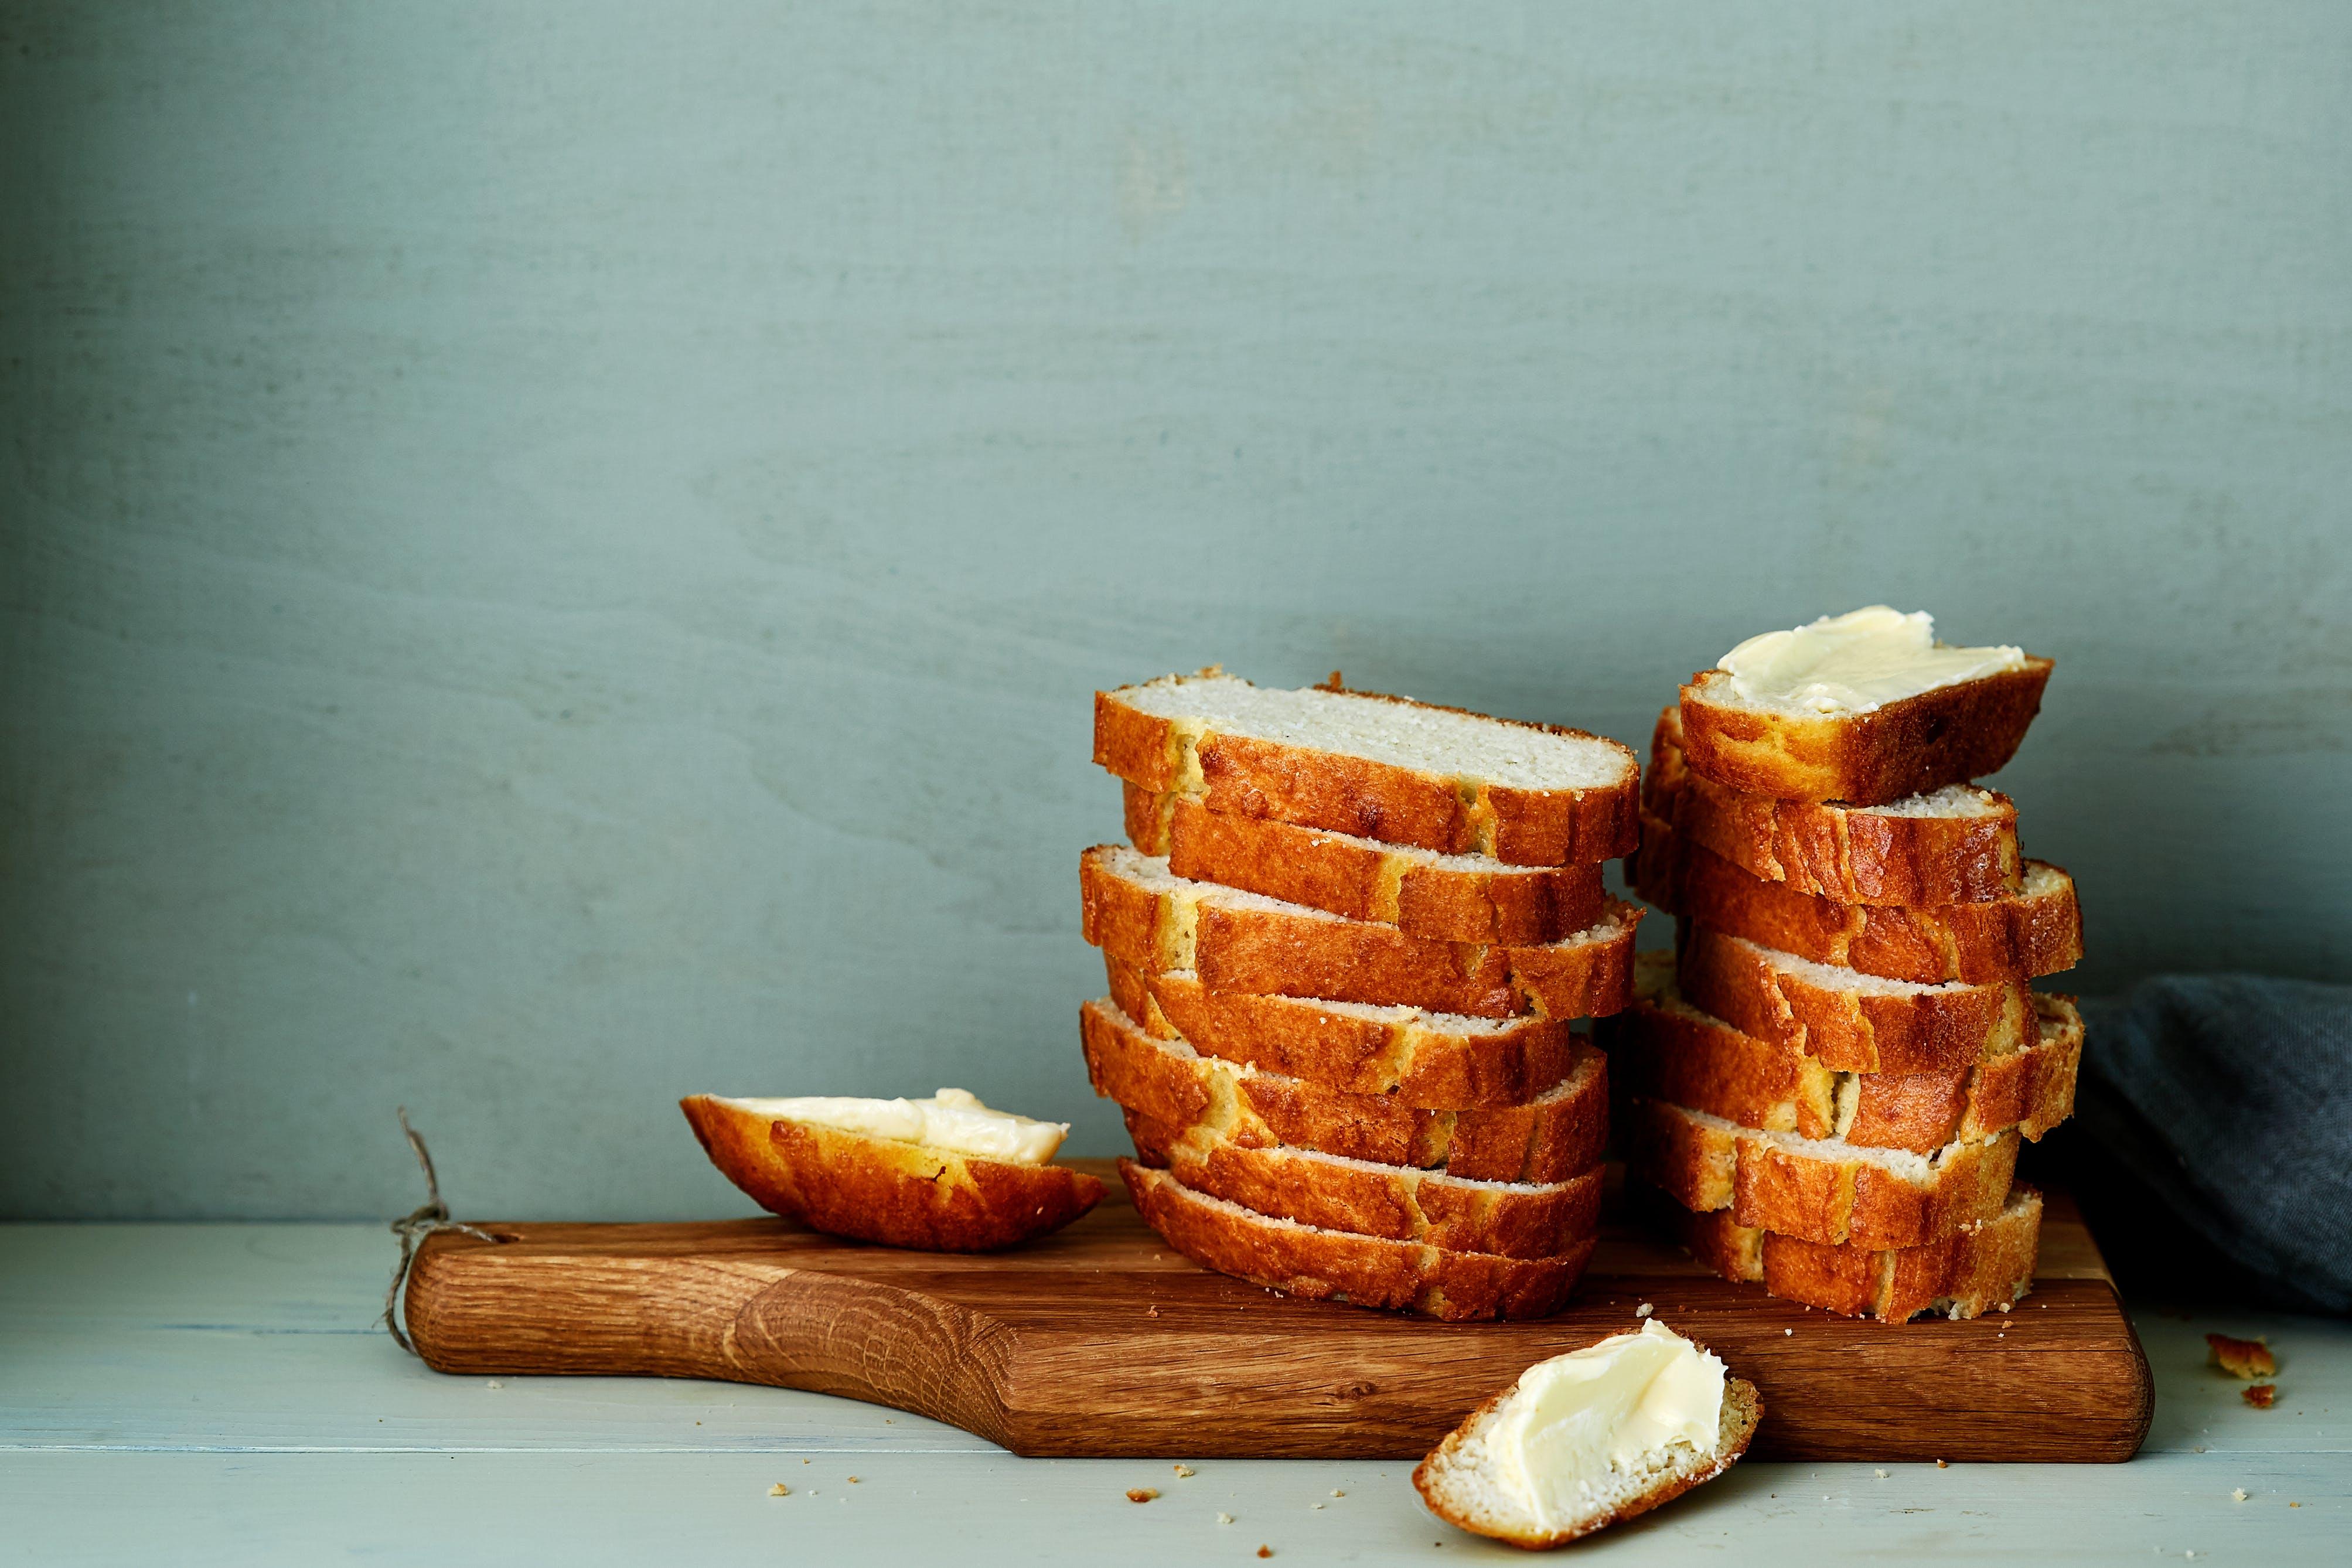 Kokosbröd